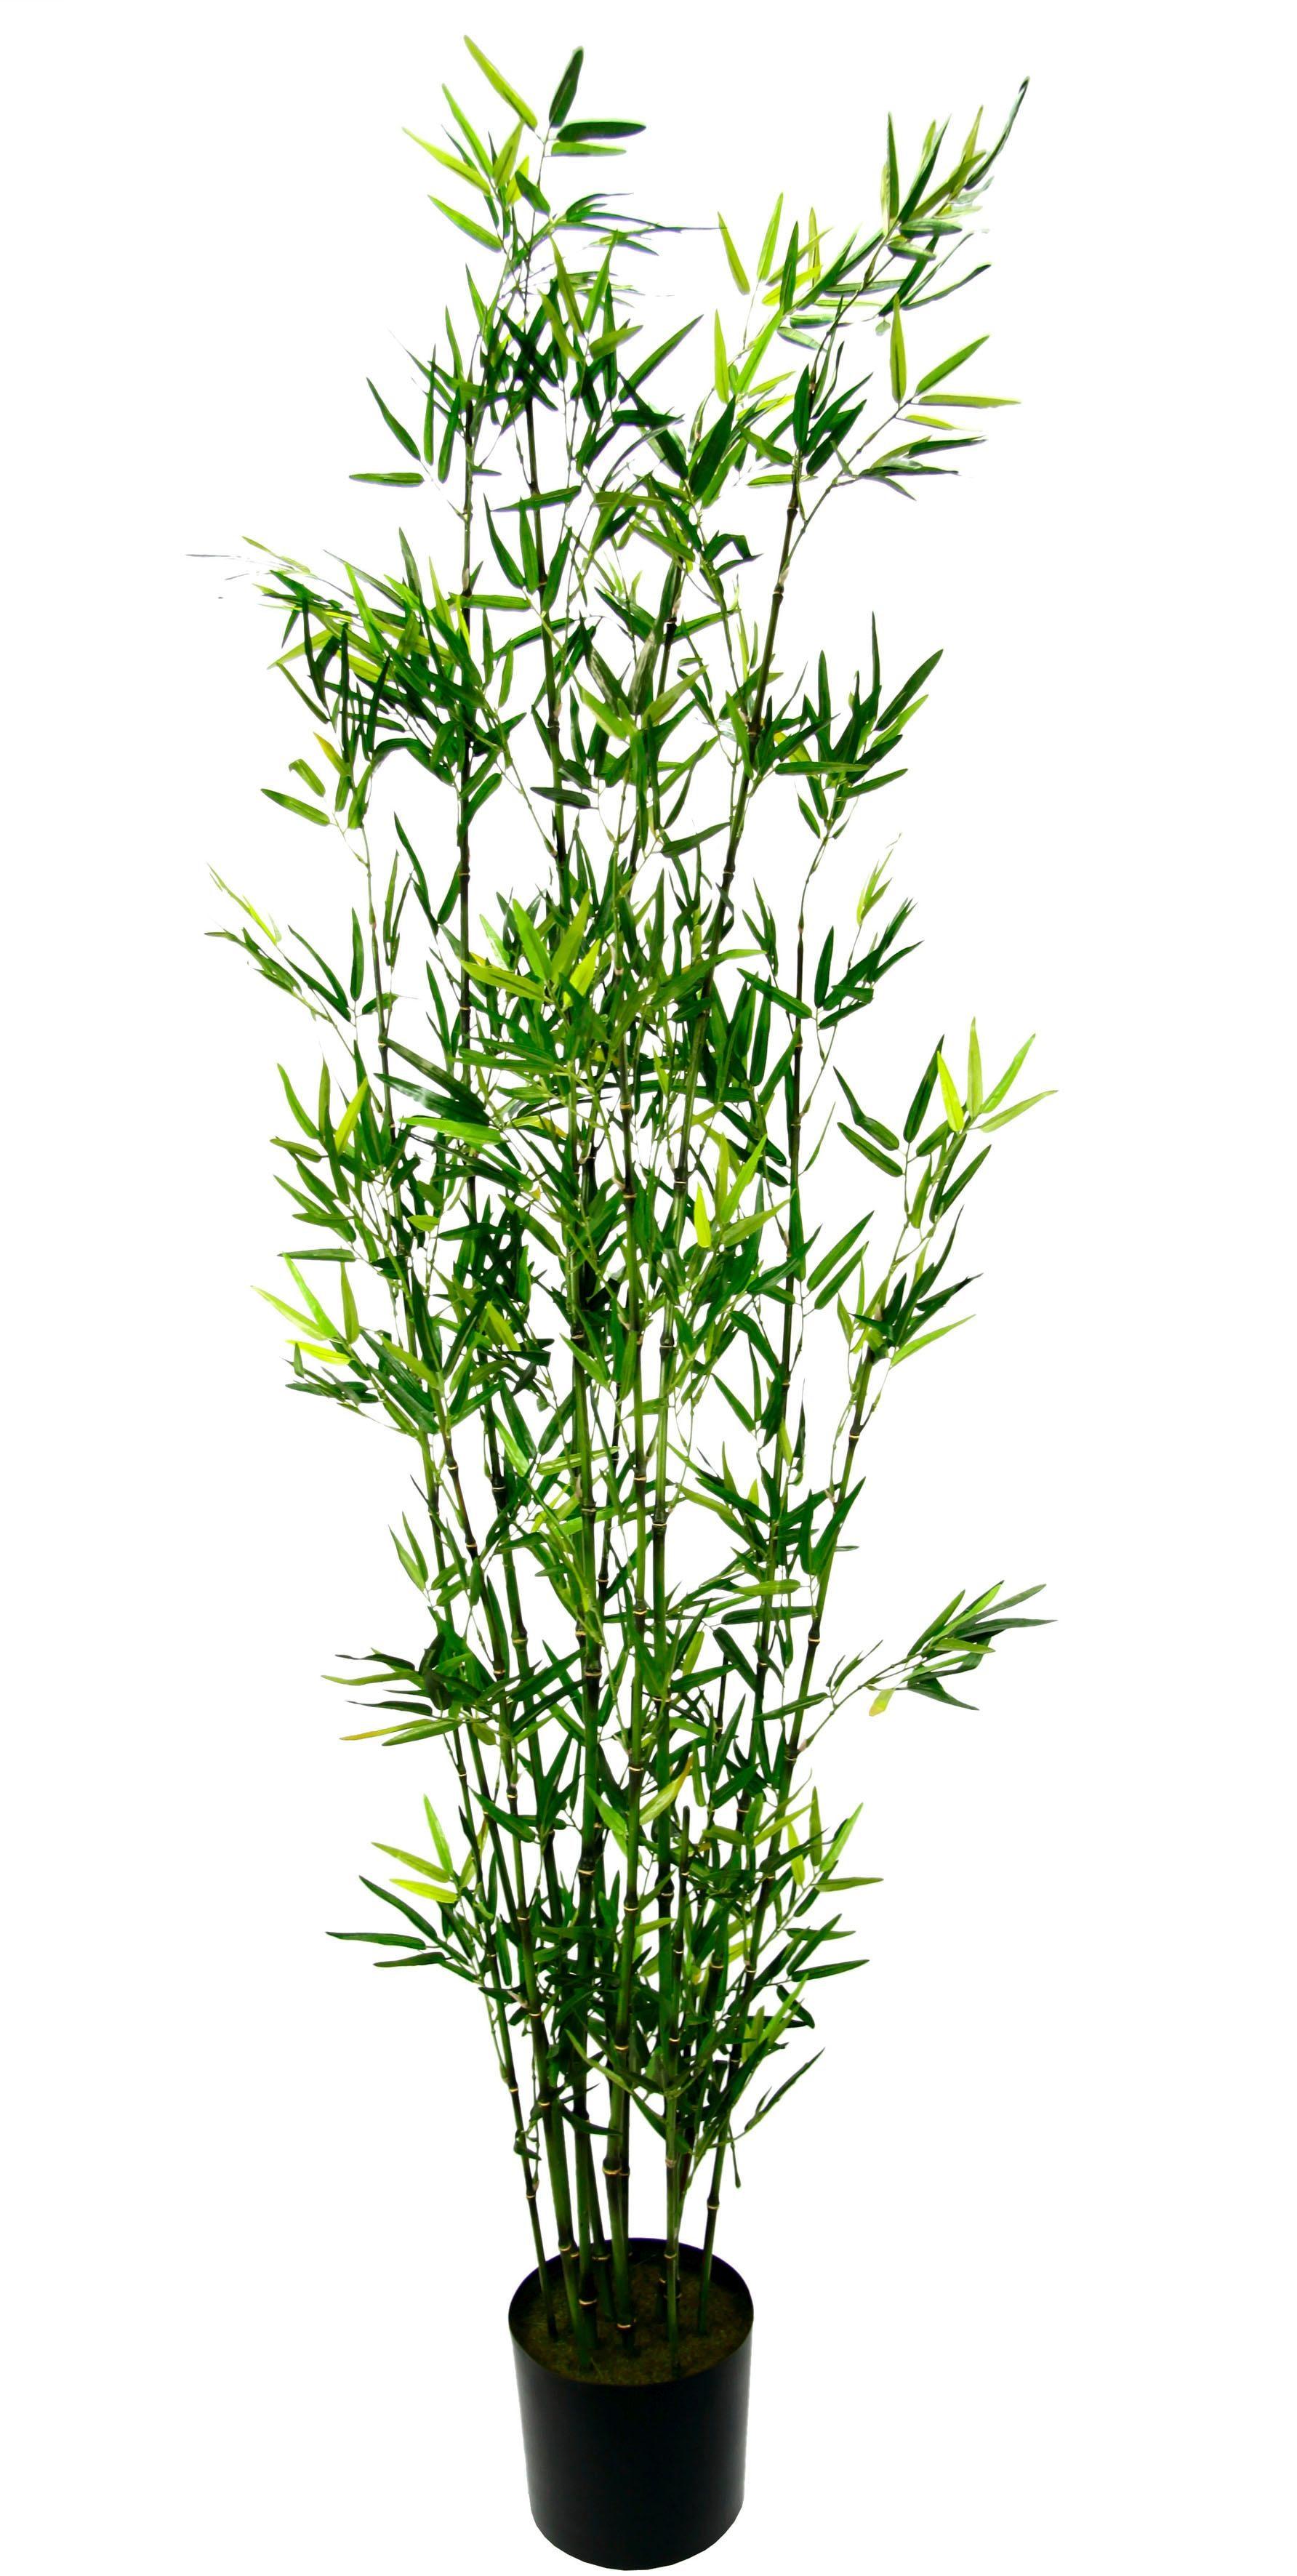 I.GE.A. Kunstpflanze Bambus im Topf grün Künstliche Zimmerpflanzen Kunstpflanzen Wohnaccessoires